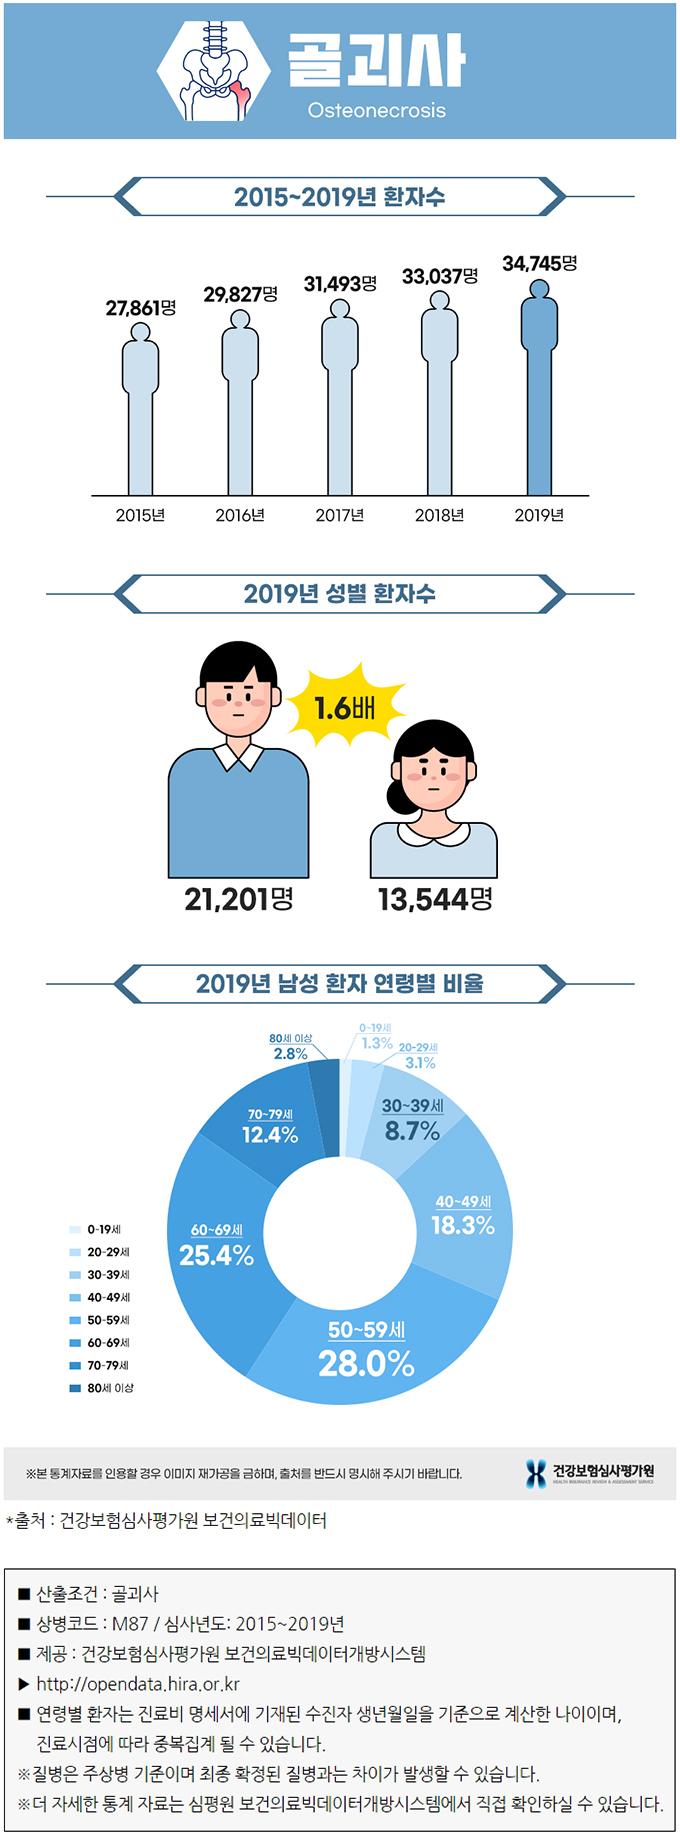 골괴사 통계자료